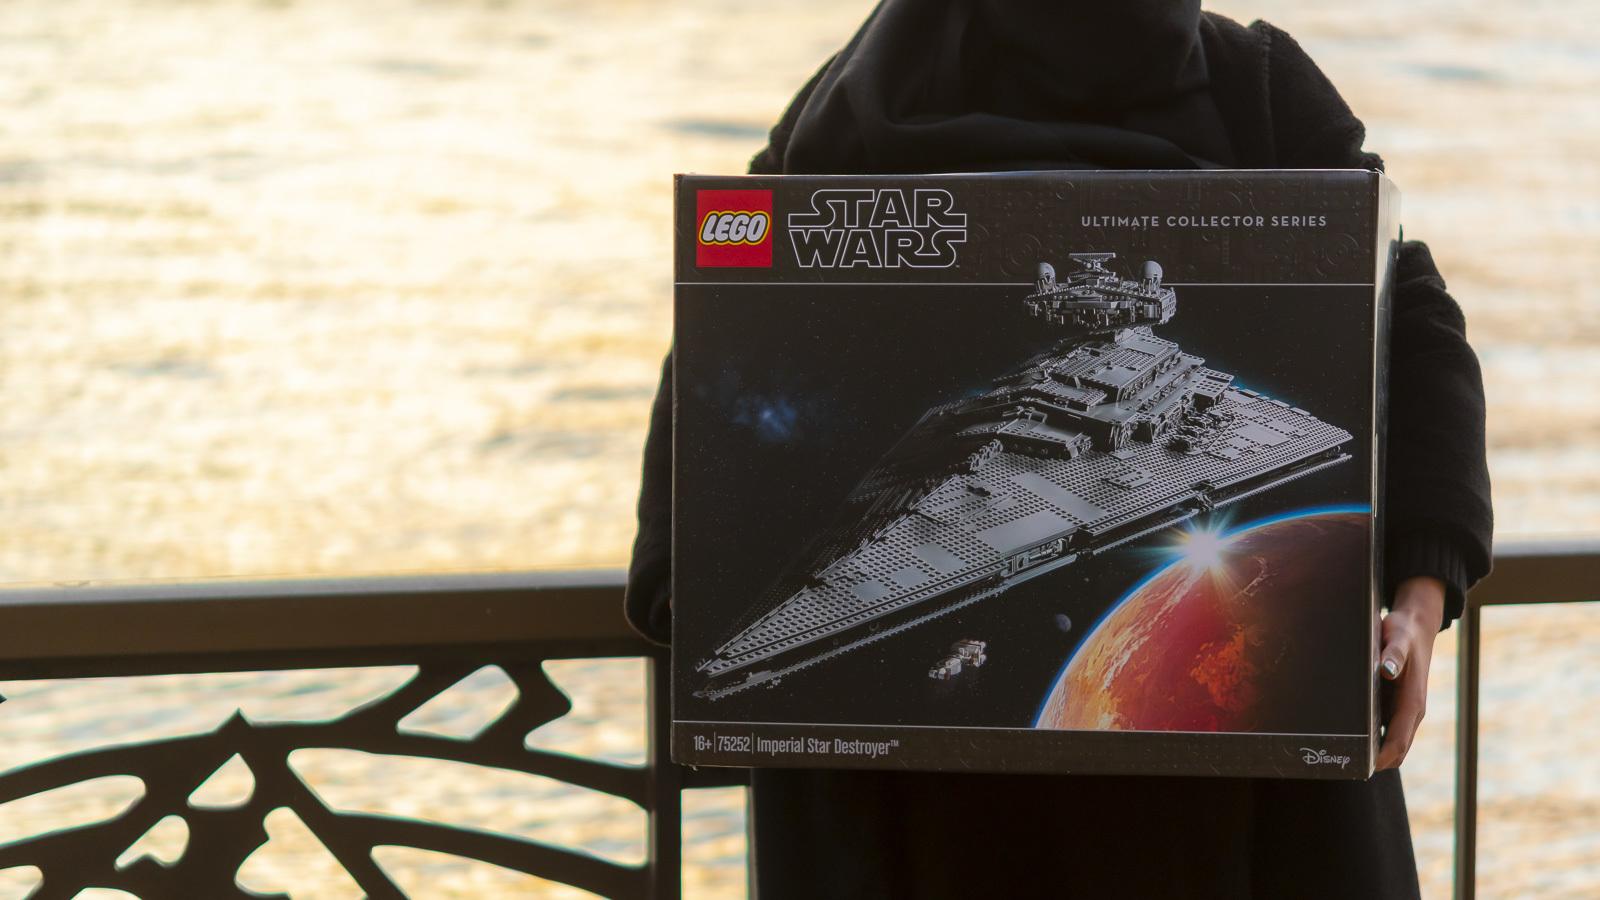 全長1mオーバー、LEGOで組む巨大なスター・デストロイヤーに本物の「優しさ」を感じた話_b0029315_17230147.jpg